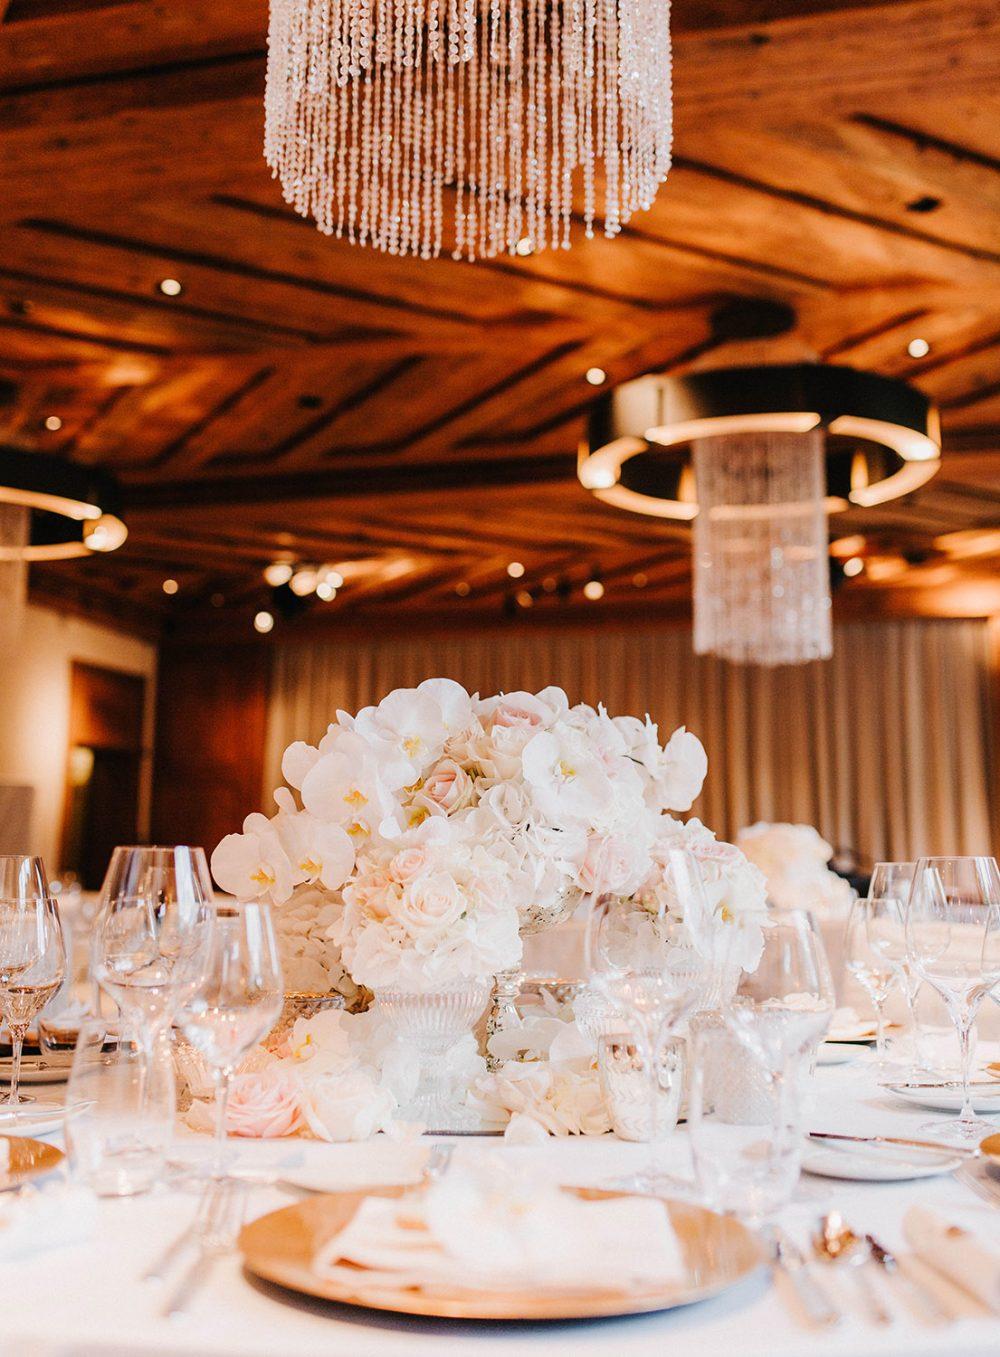 Tabea Maria-Lisa Schloss Gümligen Hochzeit Willy Michel The Alpina Gstaad Reception Orchideen Hochzeitsdekoration Floristik Floristin Schweiz